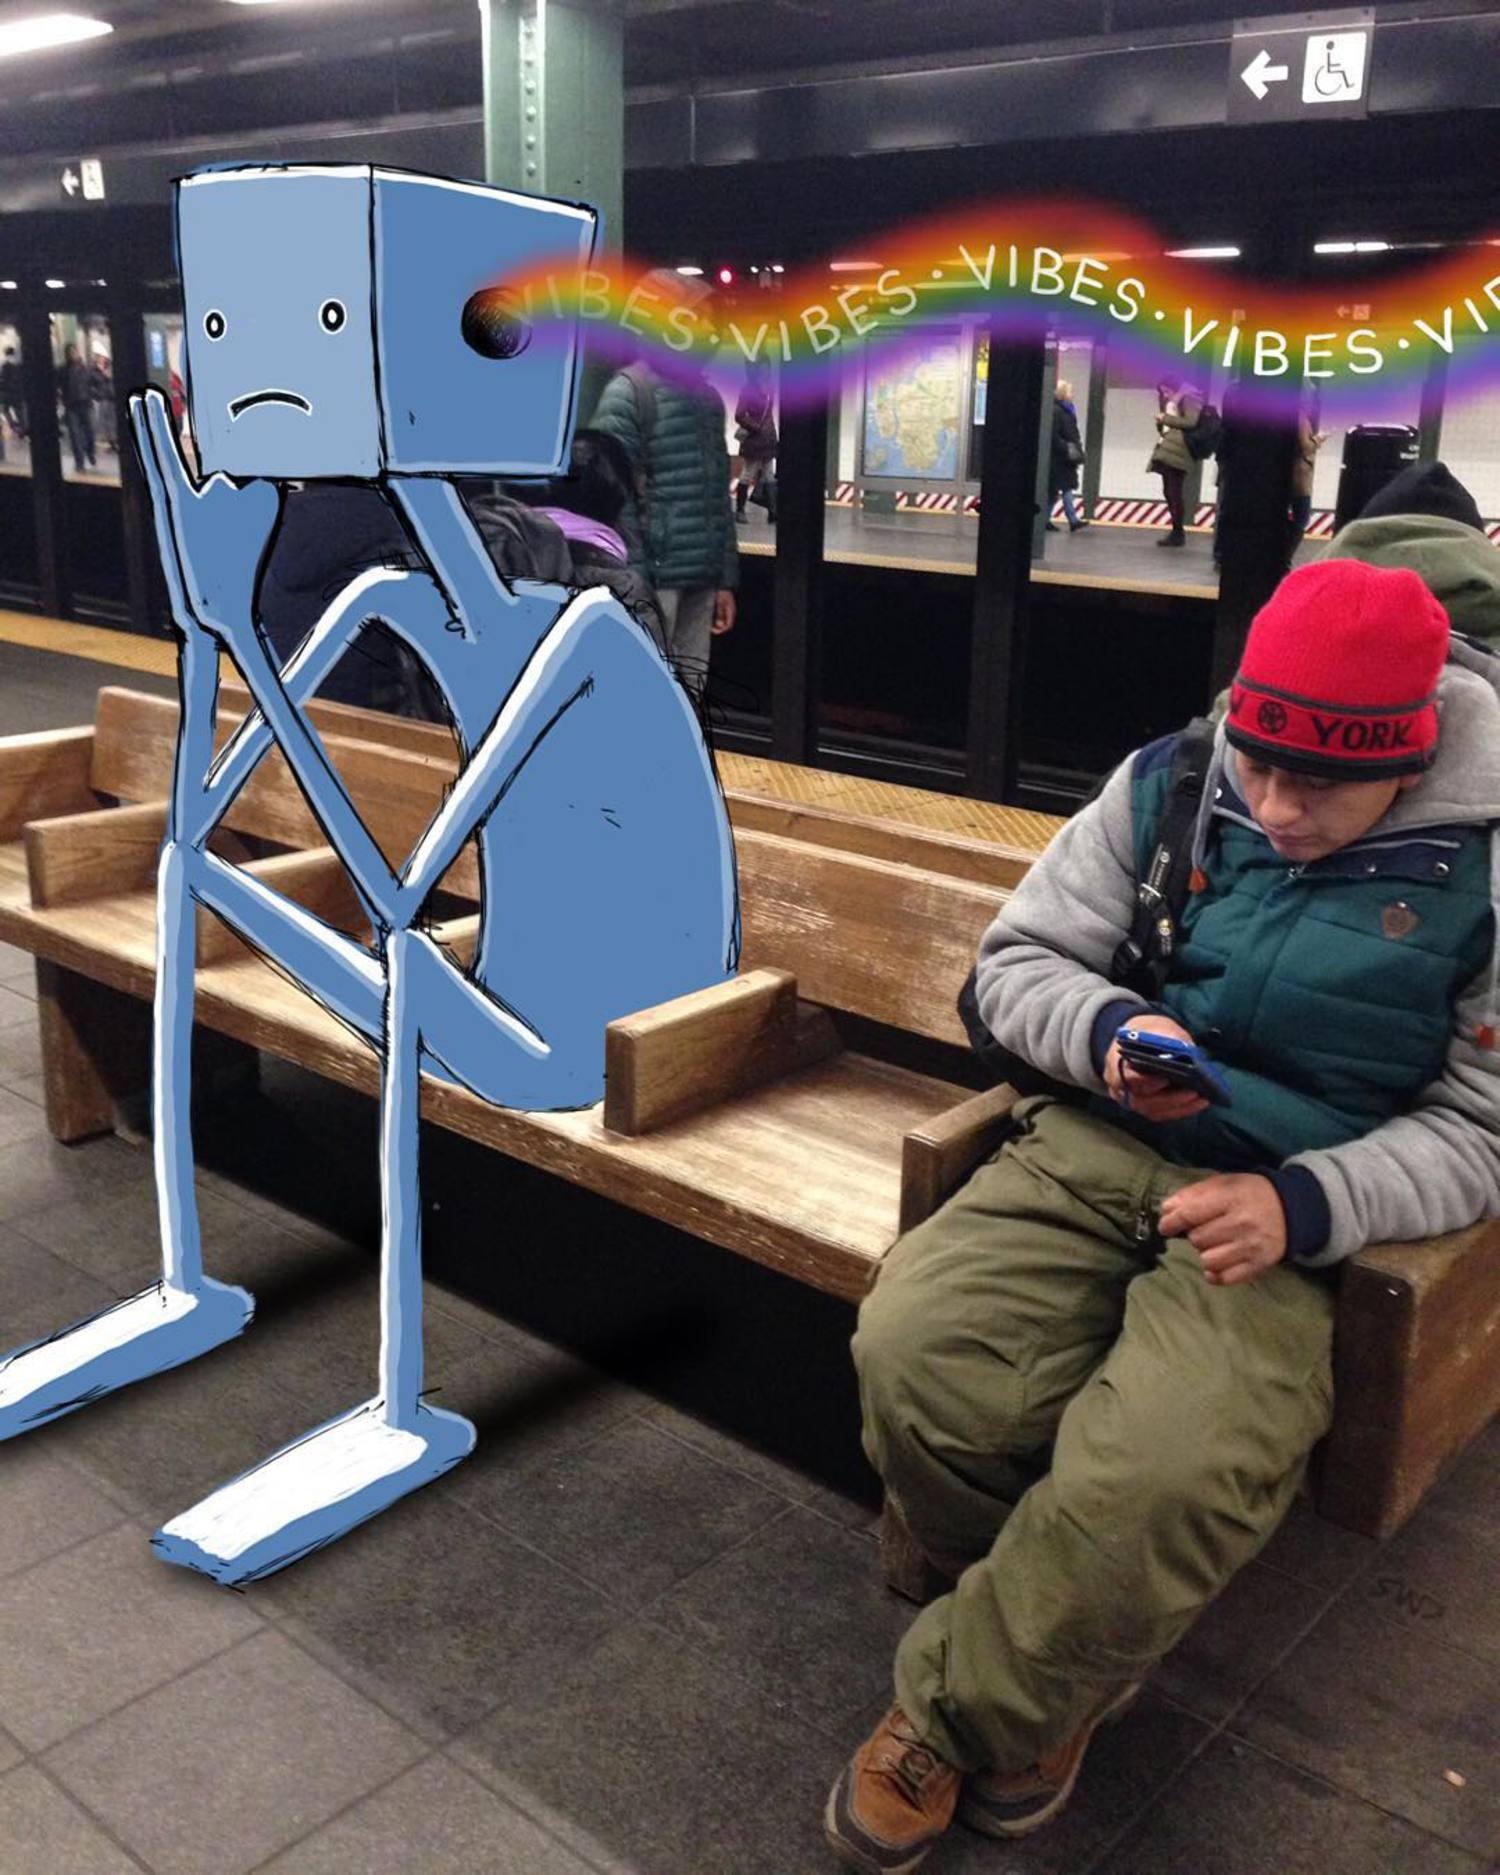 #subwaydoodle #subway #doodle #swd #nyc #vibes